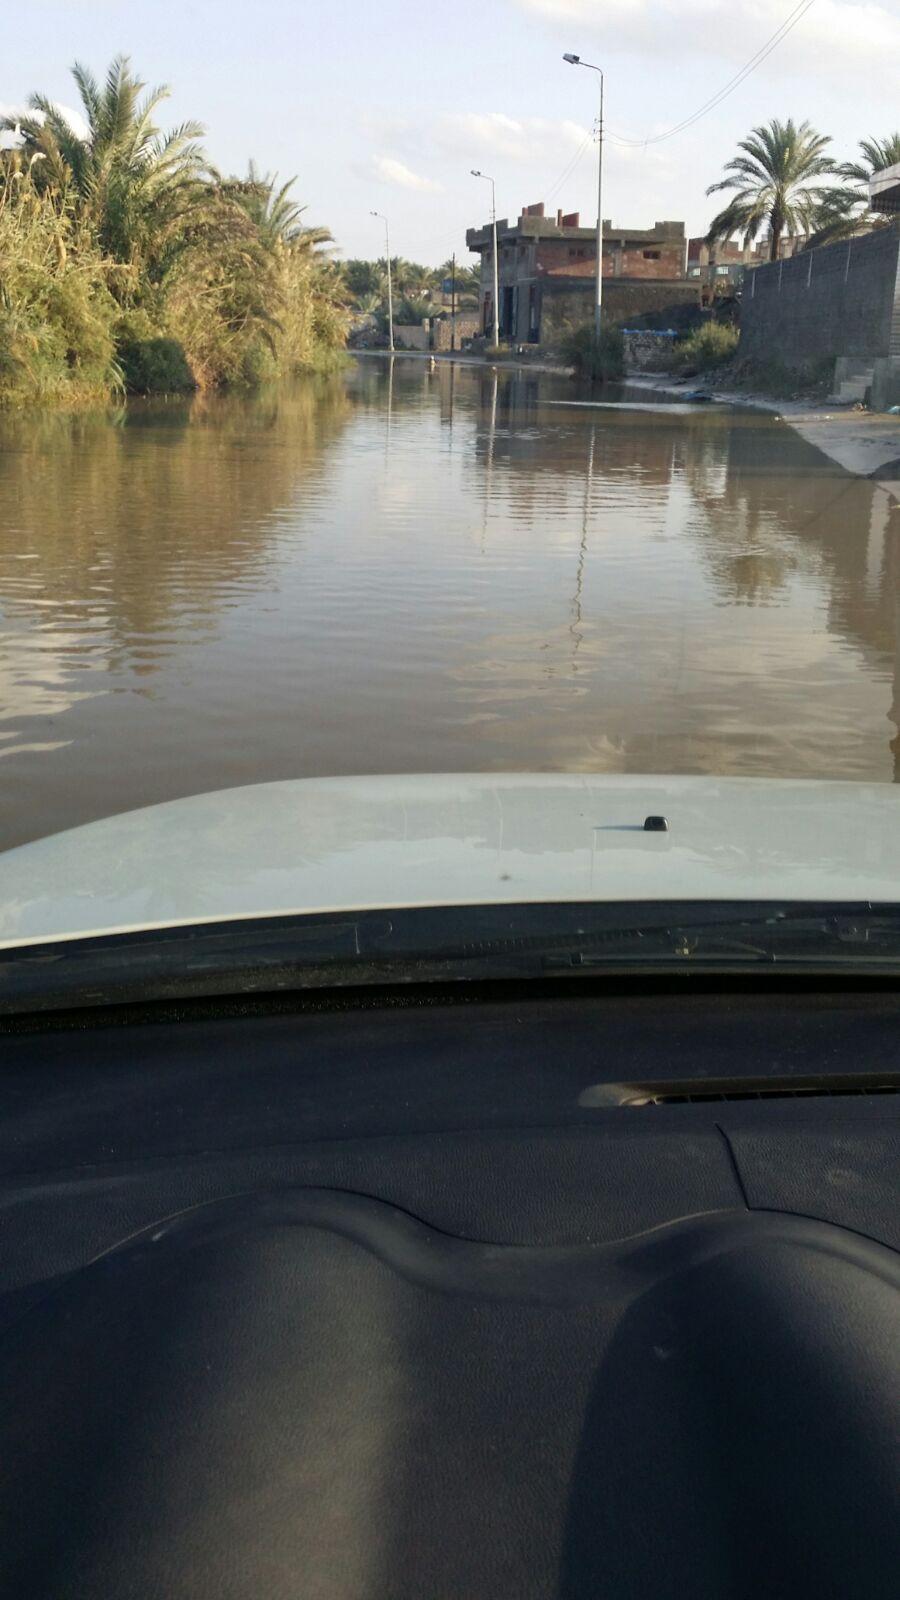 تواصل غرق مدينة إدكو في مياه الأمطار